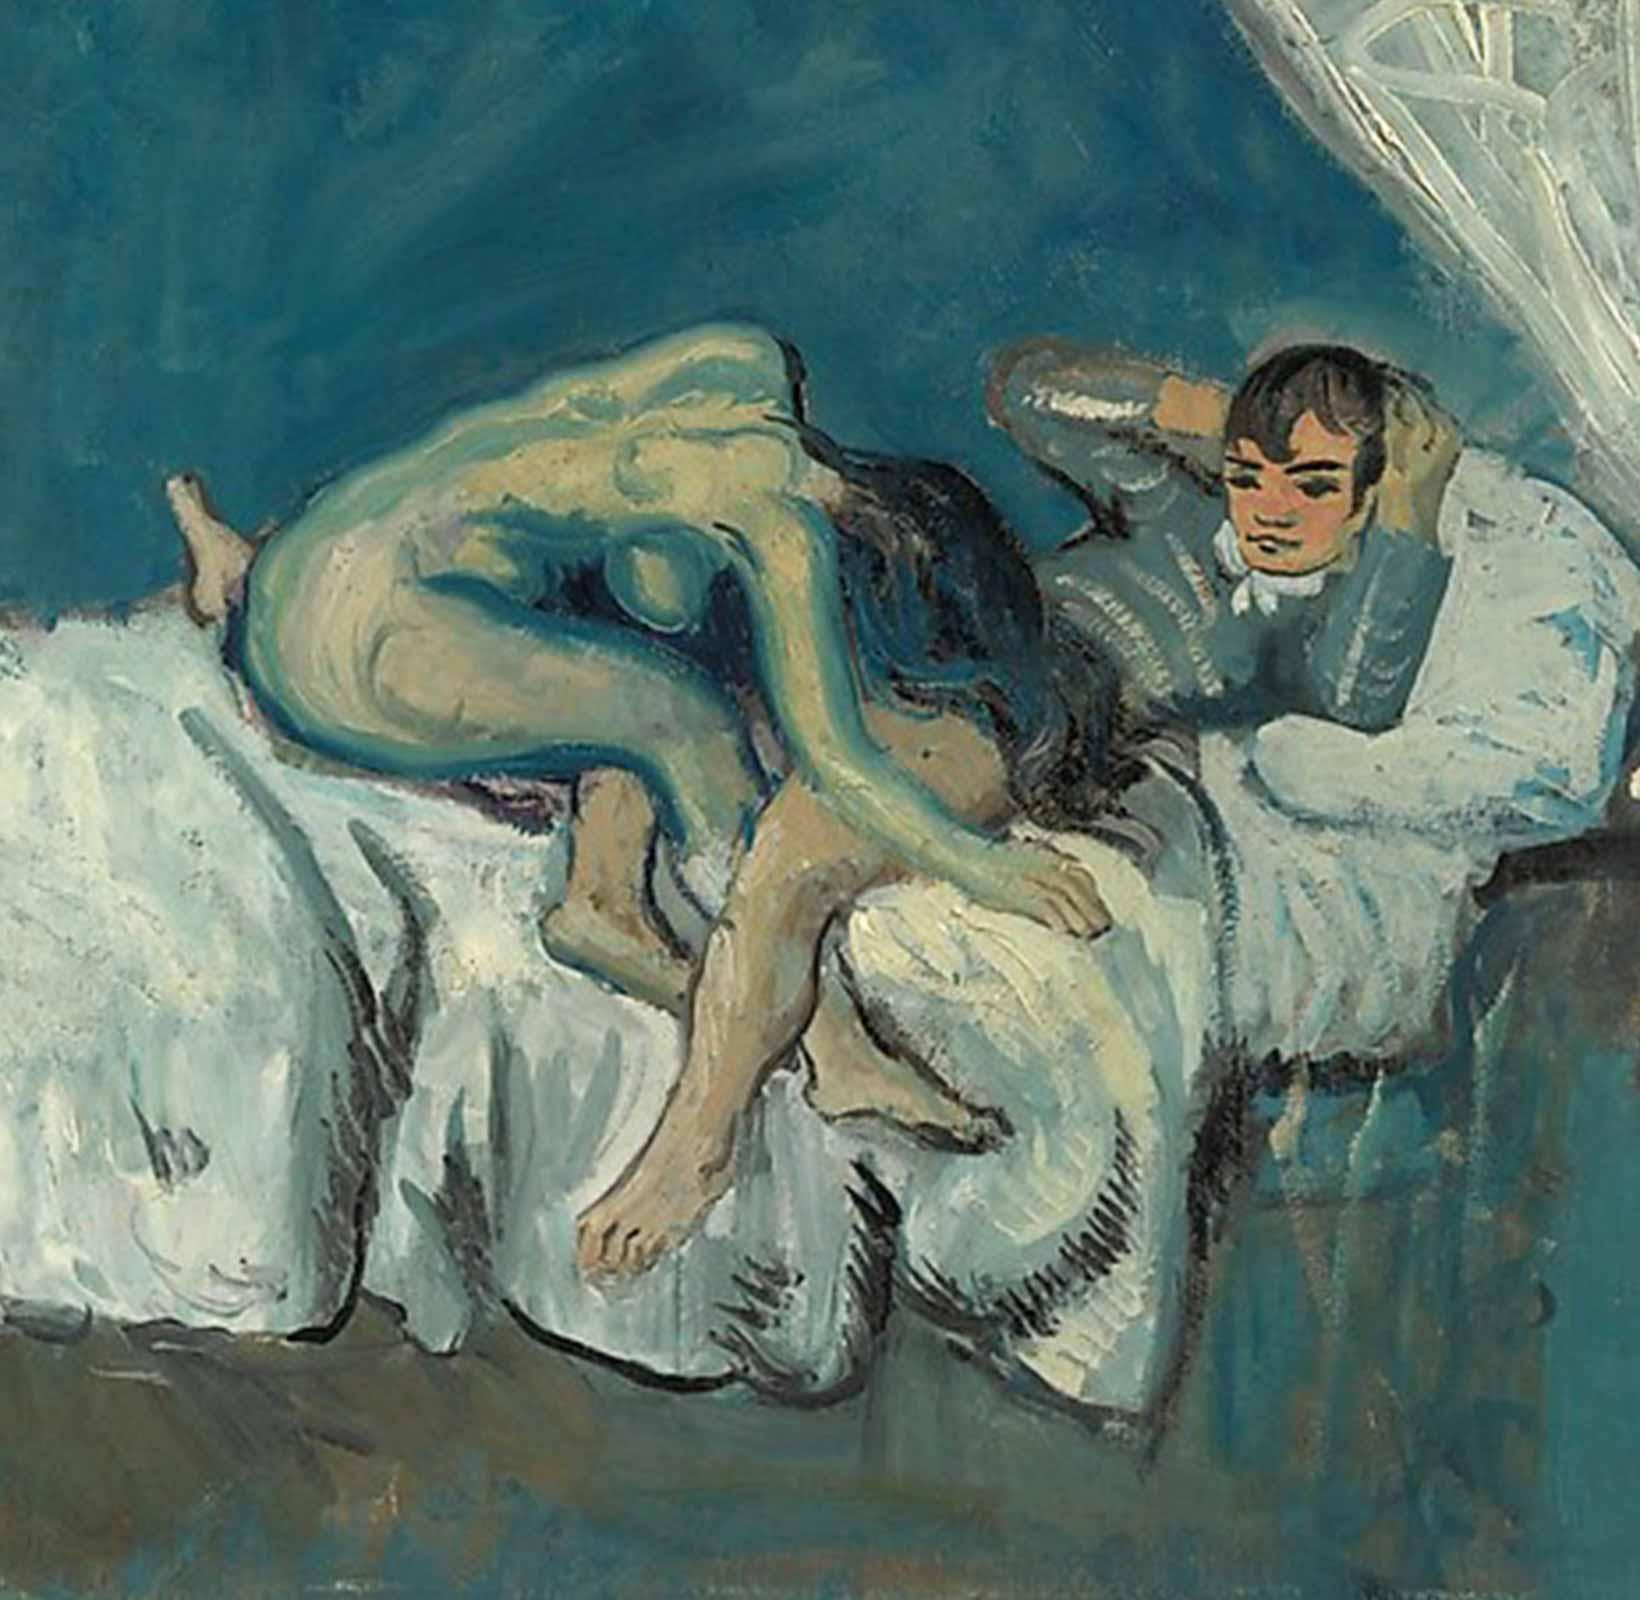 Pablo Picasso La Douceur (1903) blue period